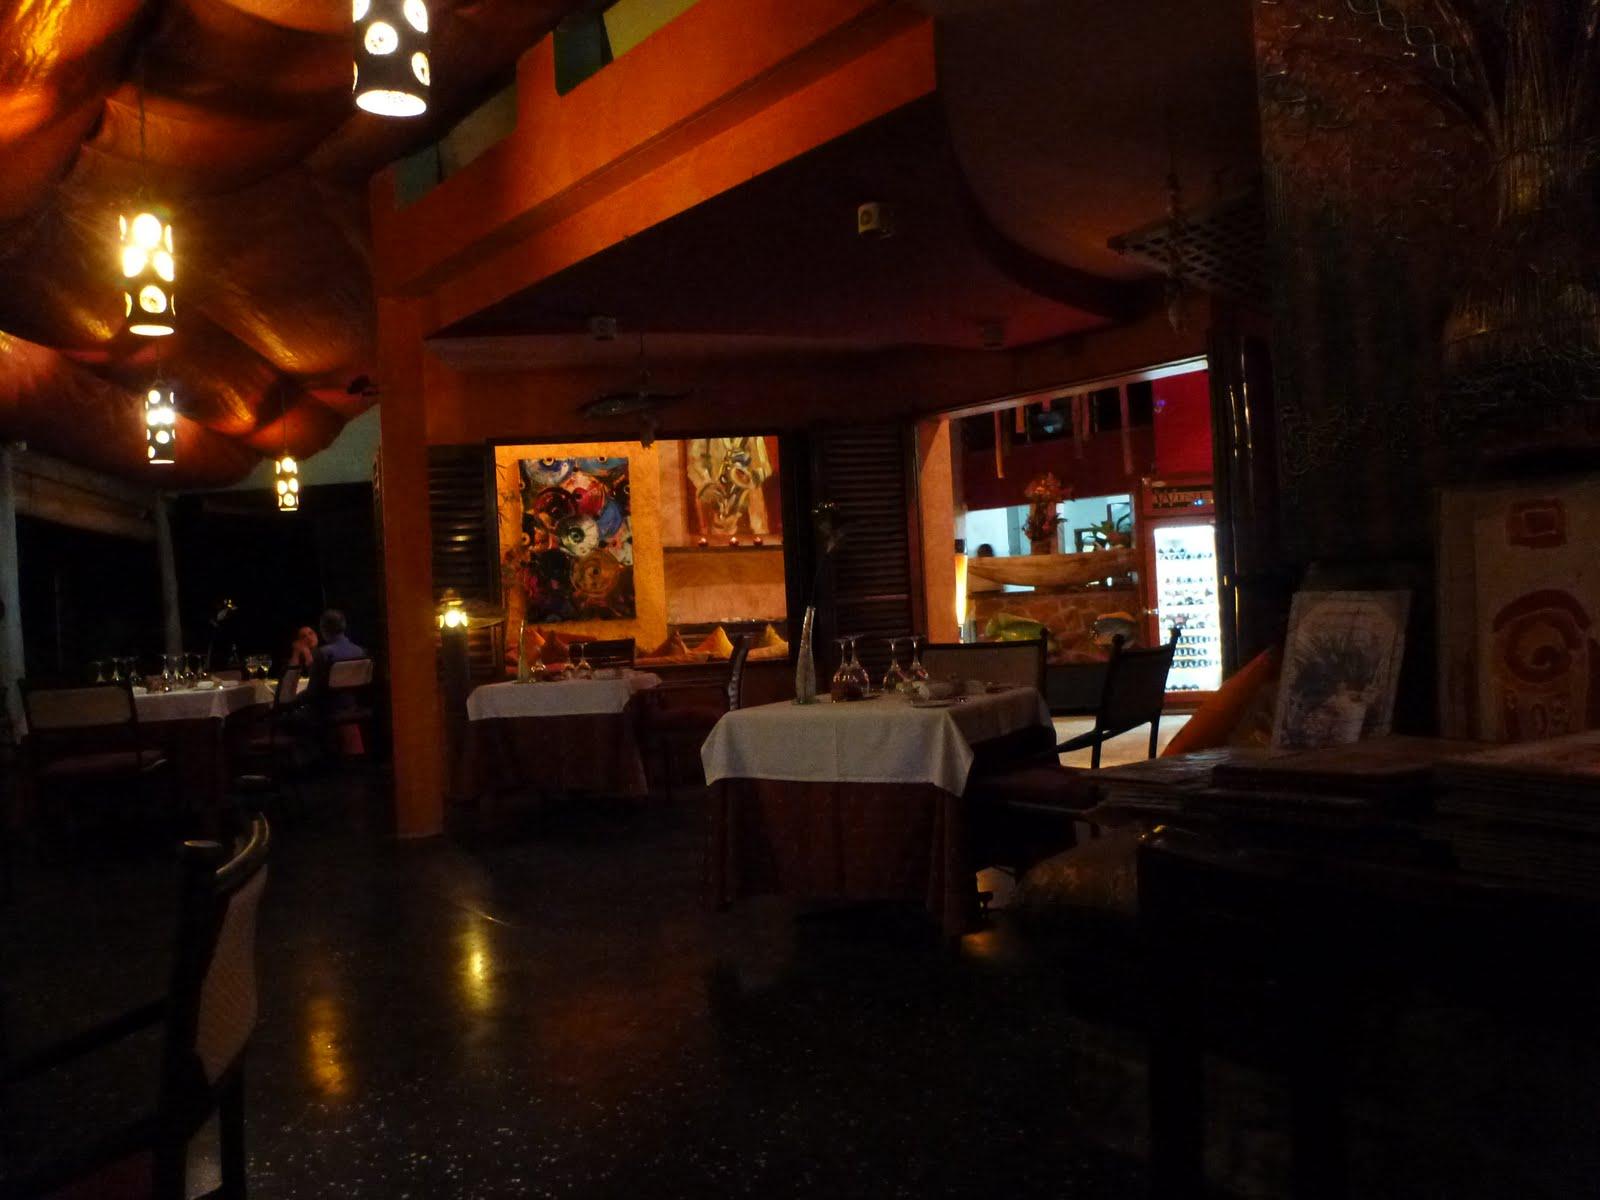 Hotel Restaurant Gastronomique  Ef Bf Bdle De La R Ef Bf Bdunion